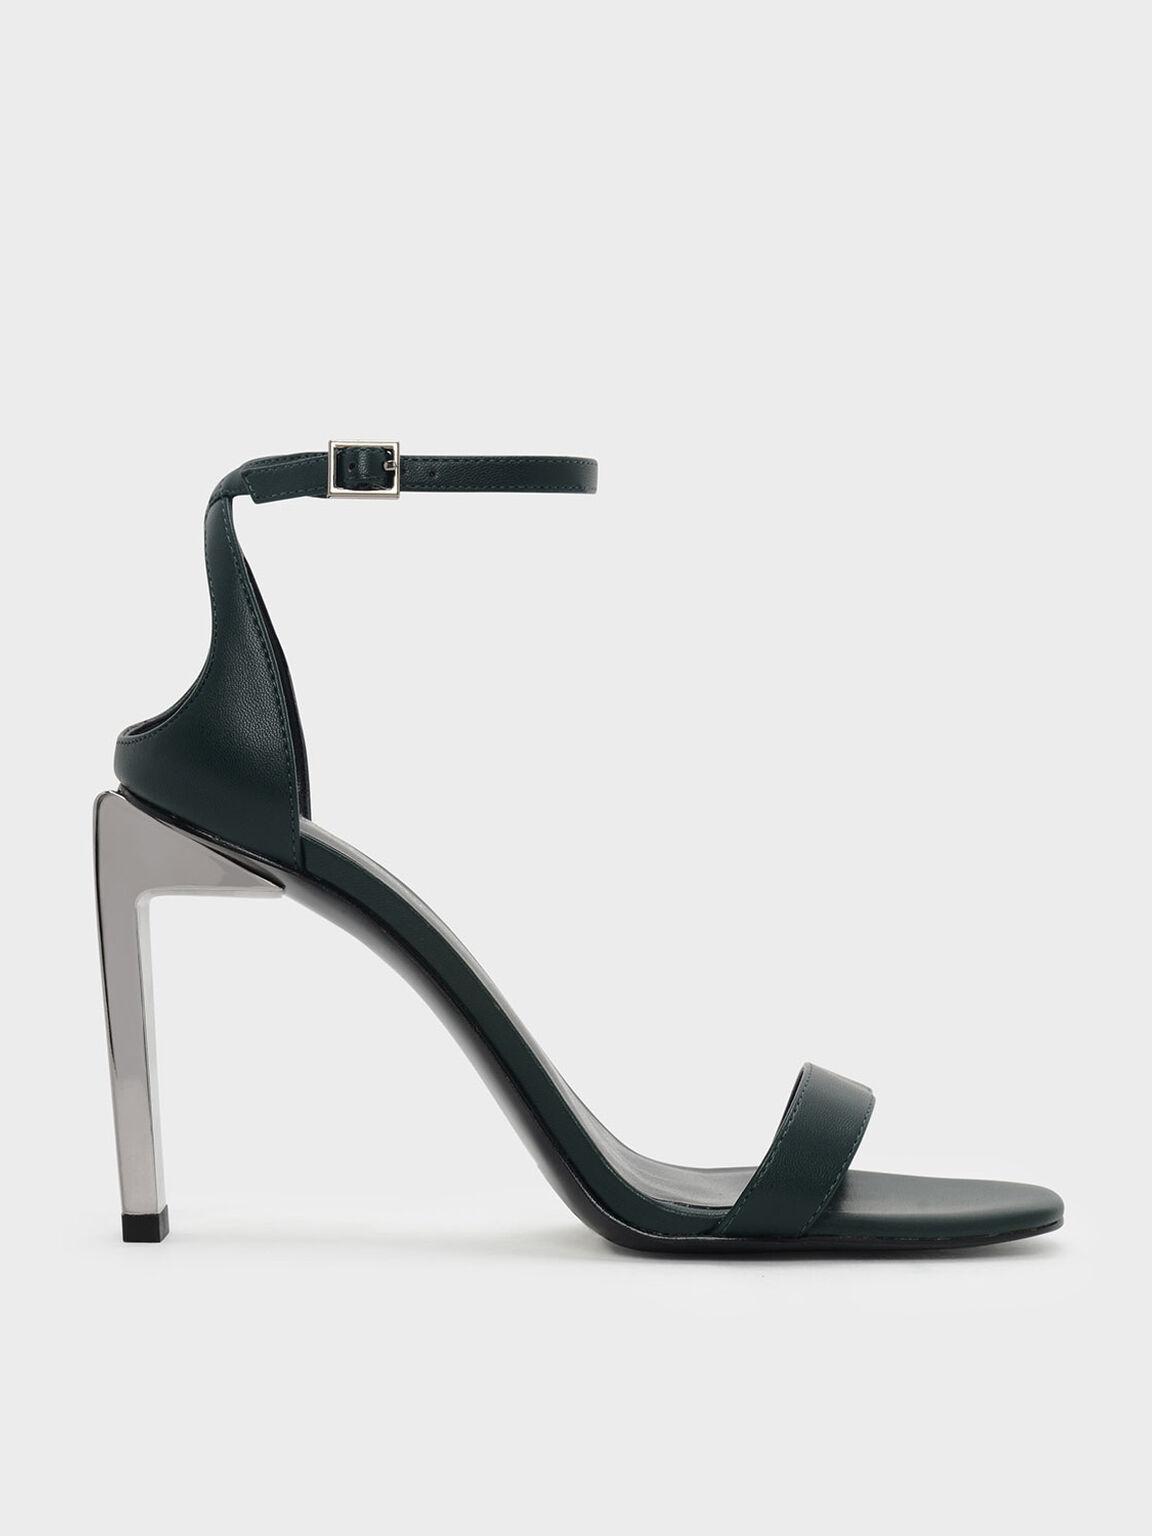 Blade Heel Sandals, Green, hi-res